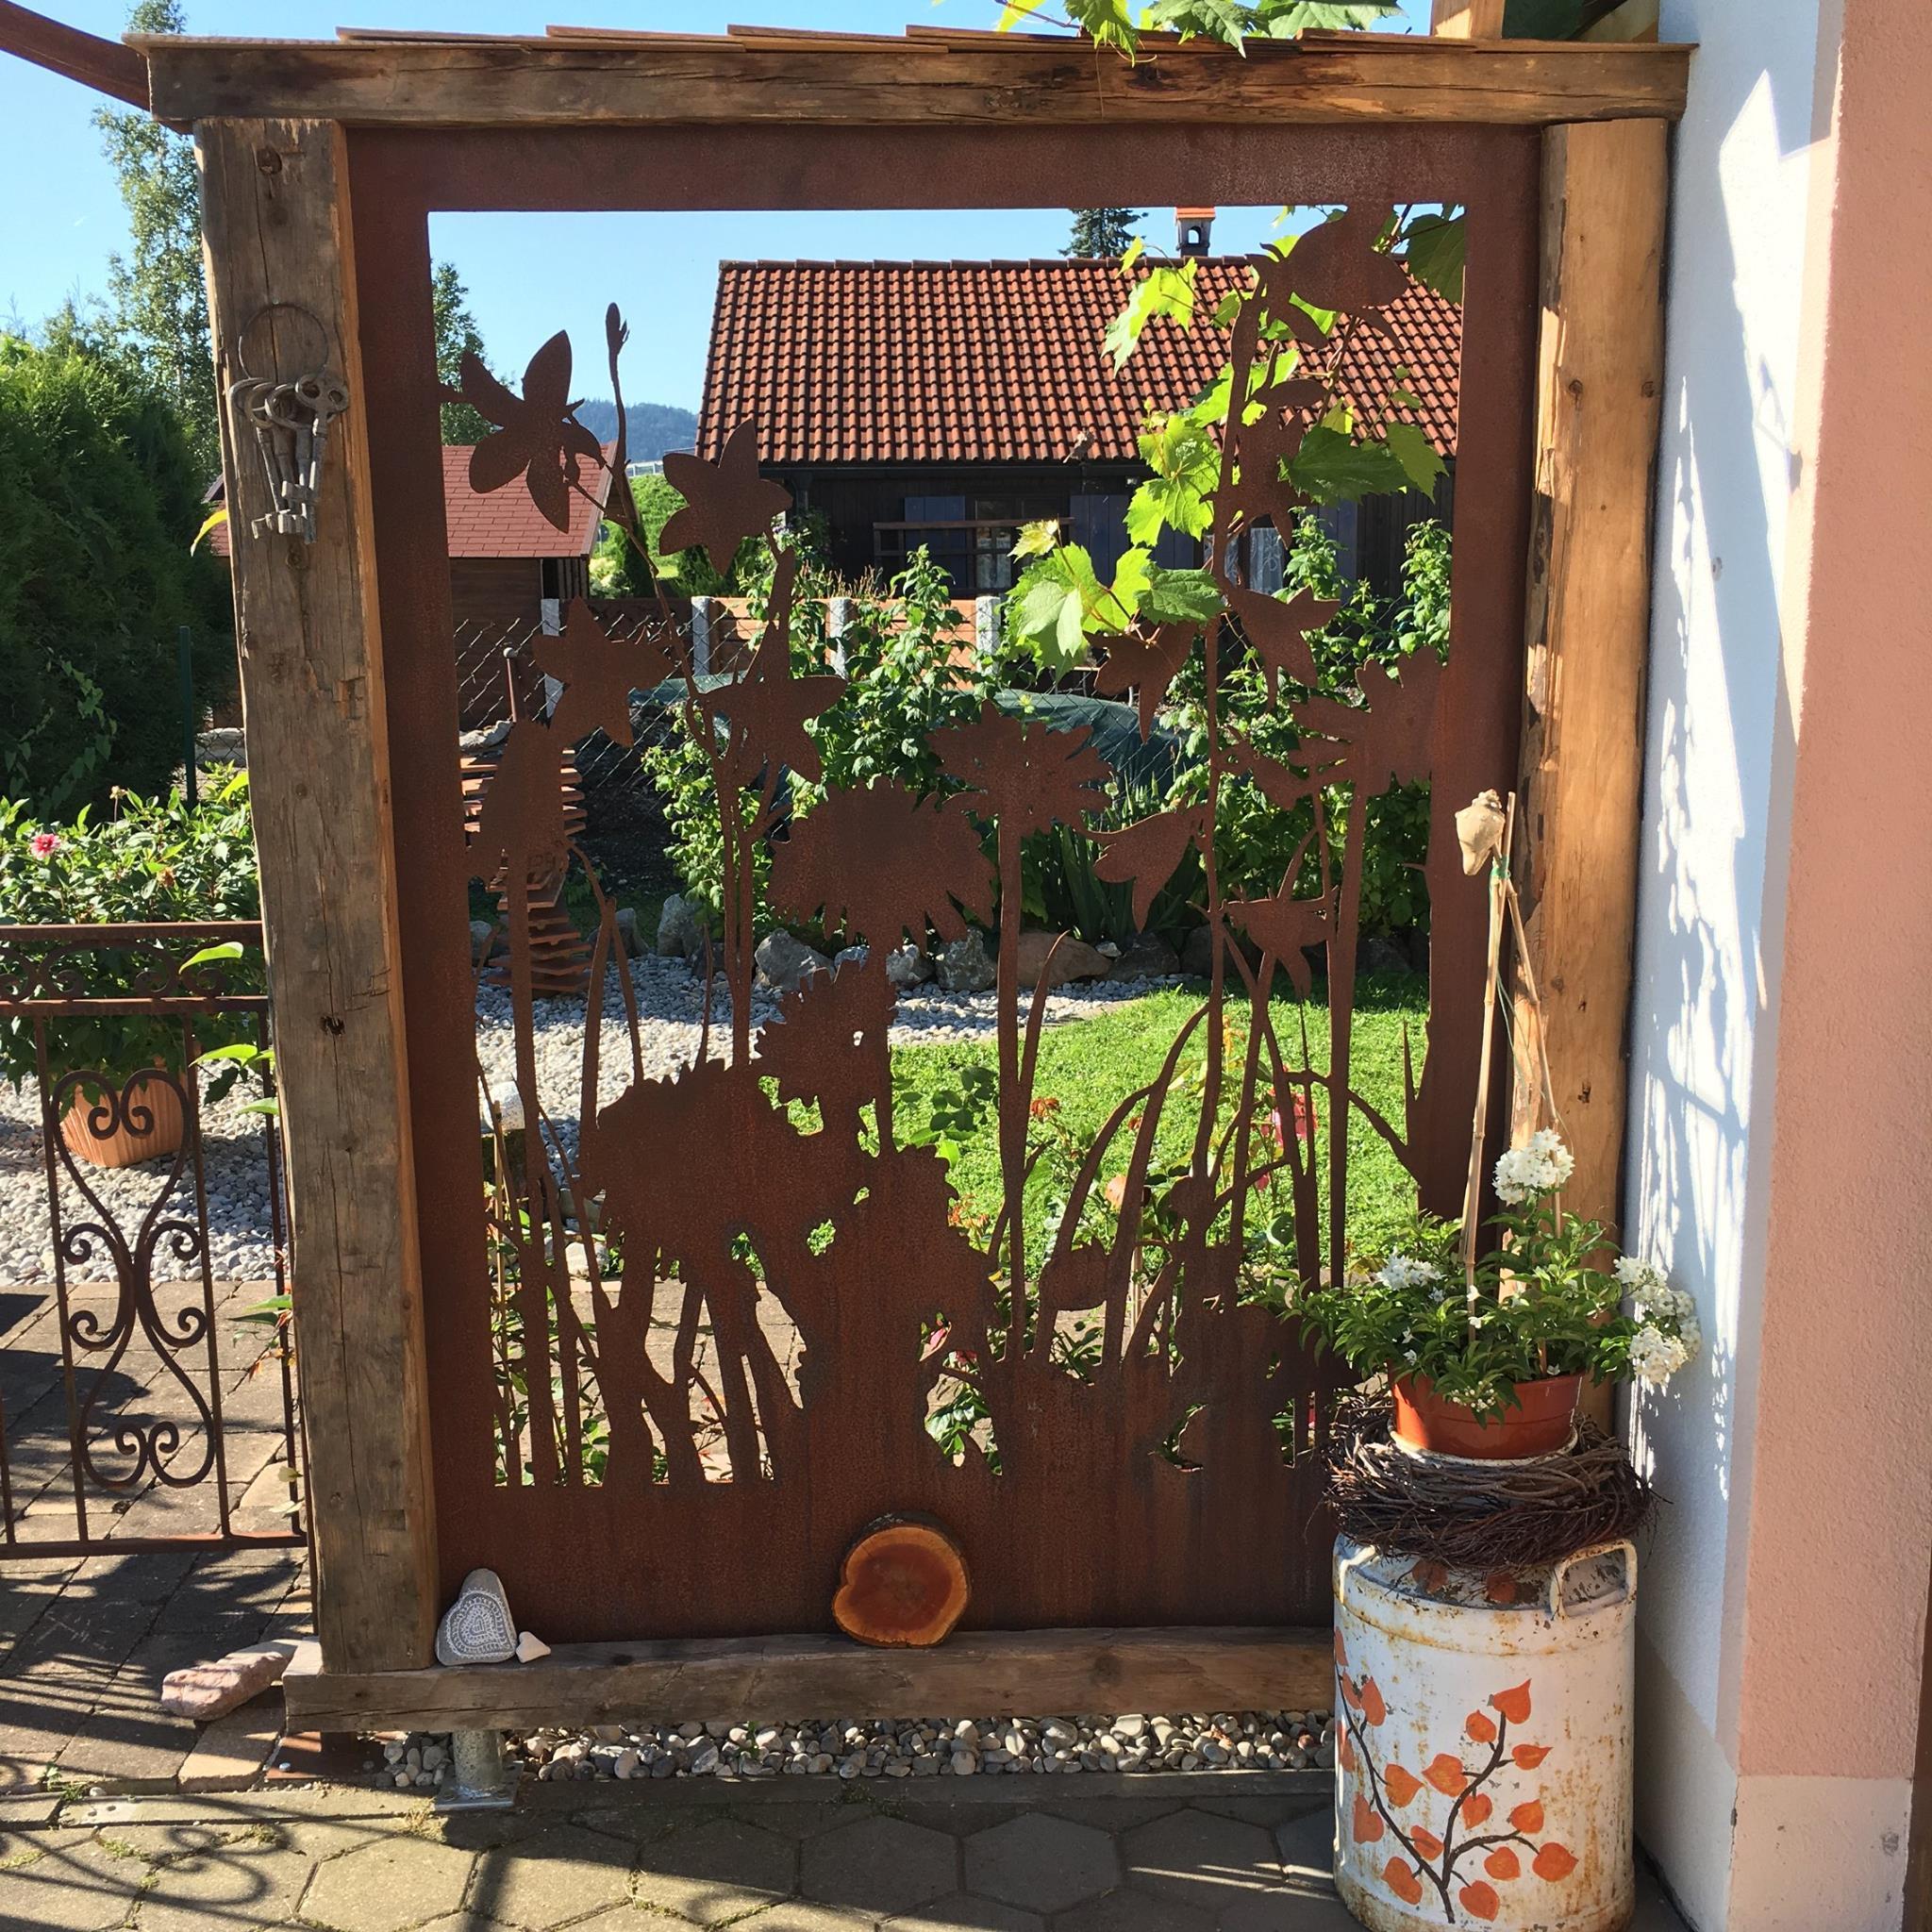 Der Rostige Garten Betzigau